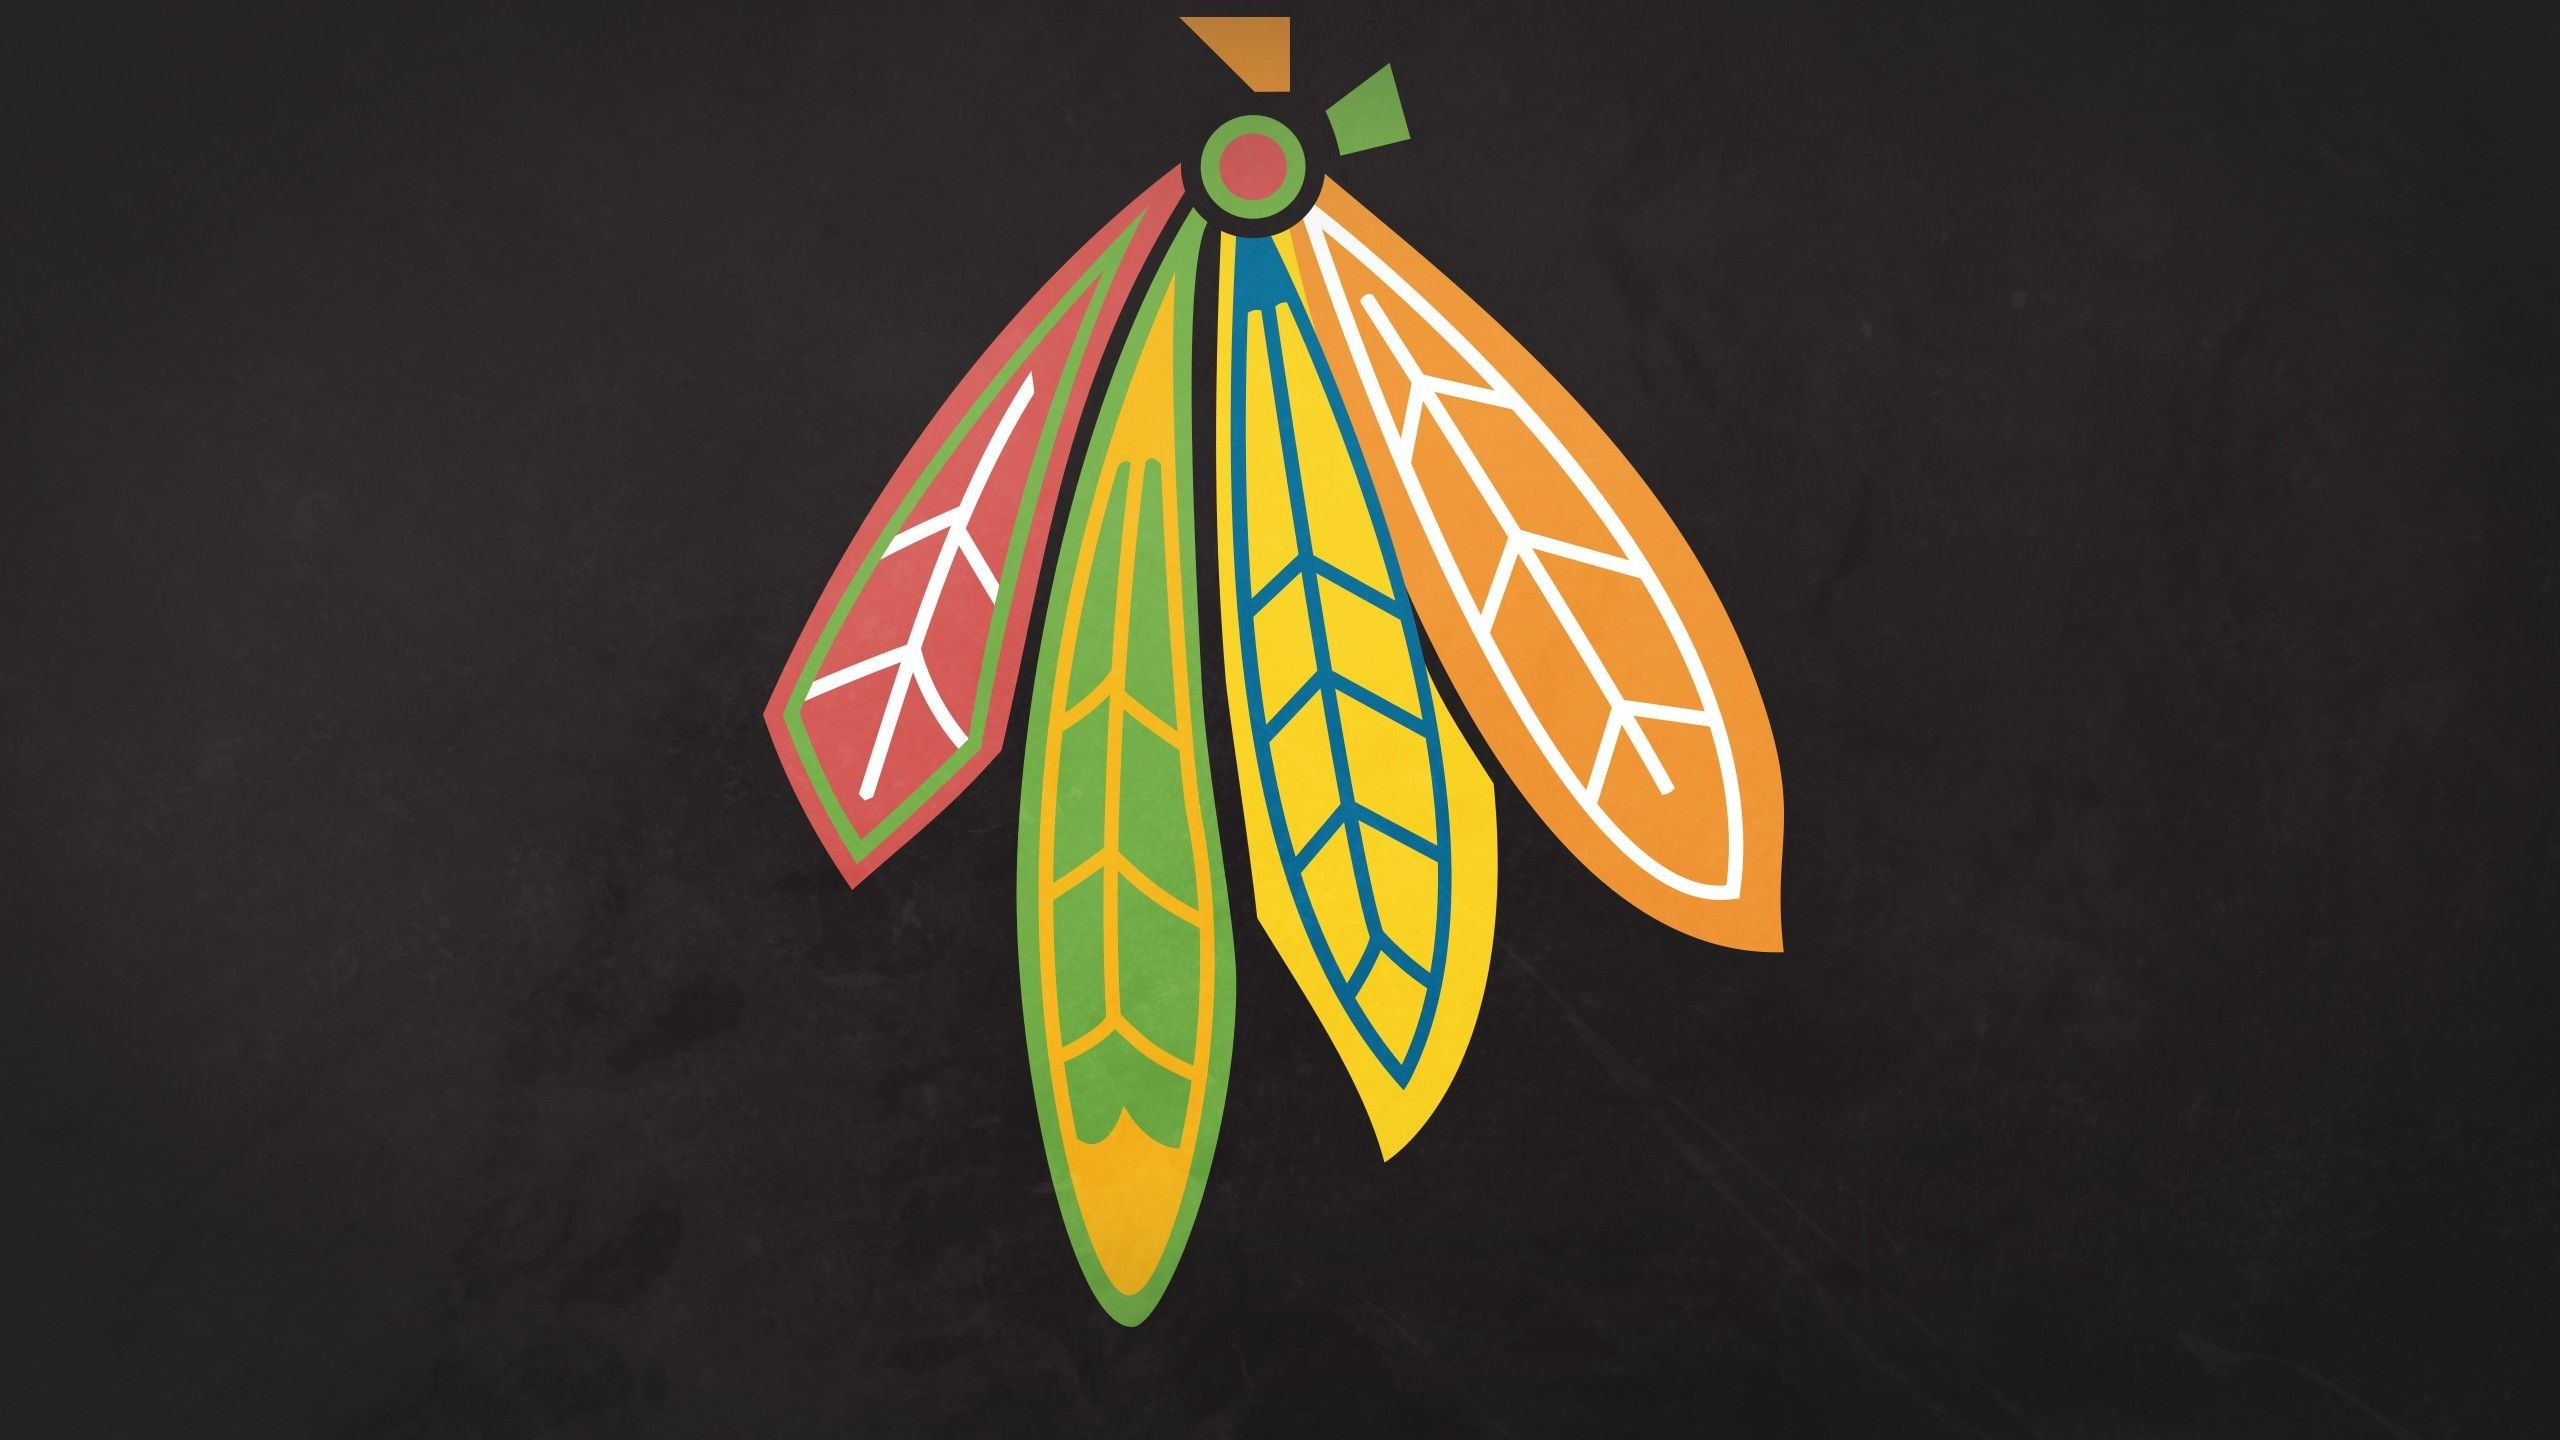 CHICAGO BLACKHAWKS nhl hockey wallpaper 2560×1440 Chicago Blackhawks  Wallpaper (37 Wallpapers) |